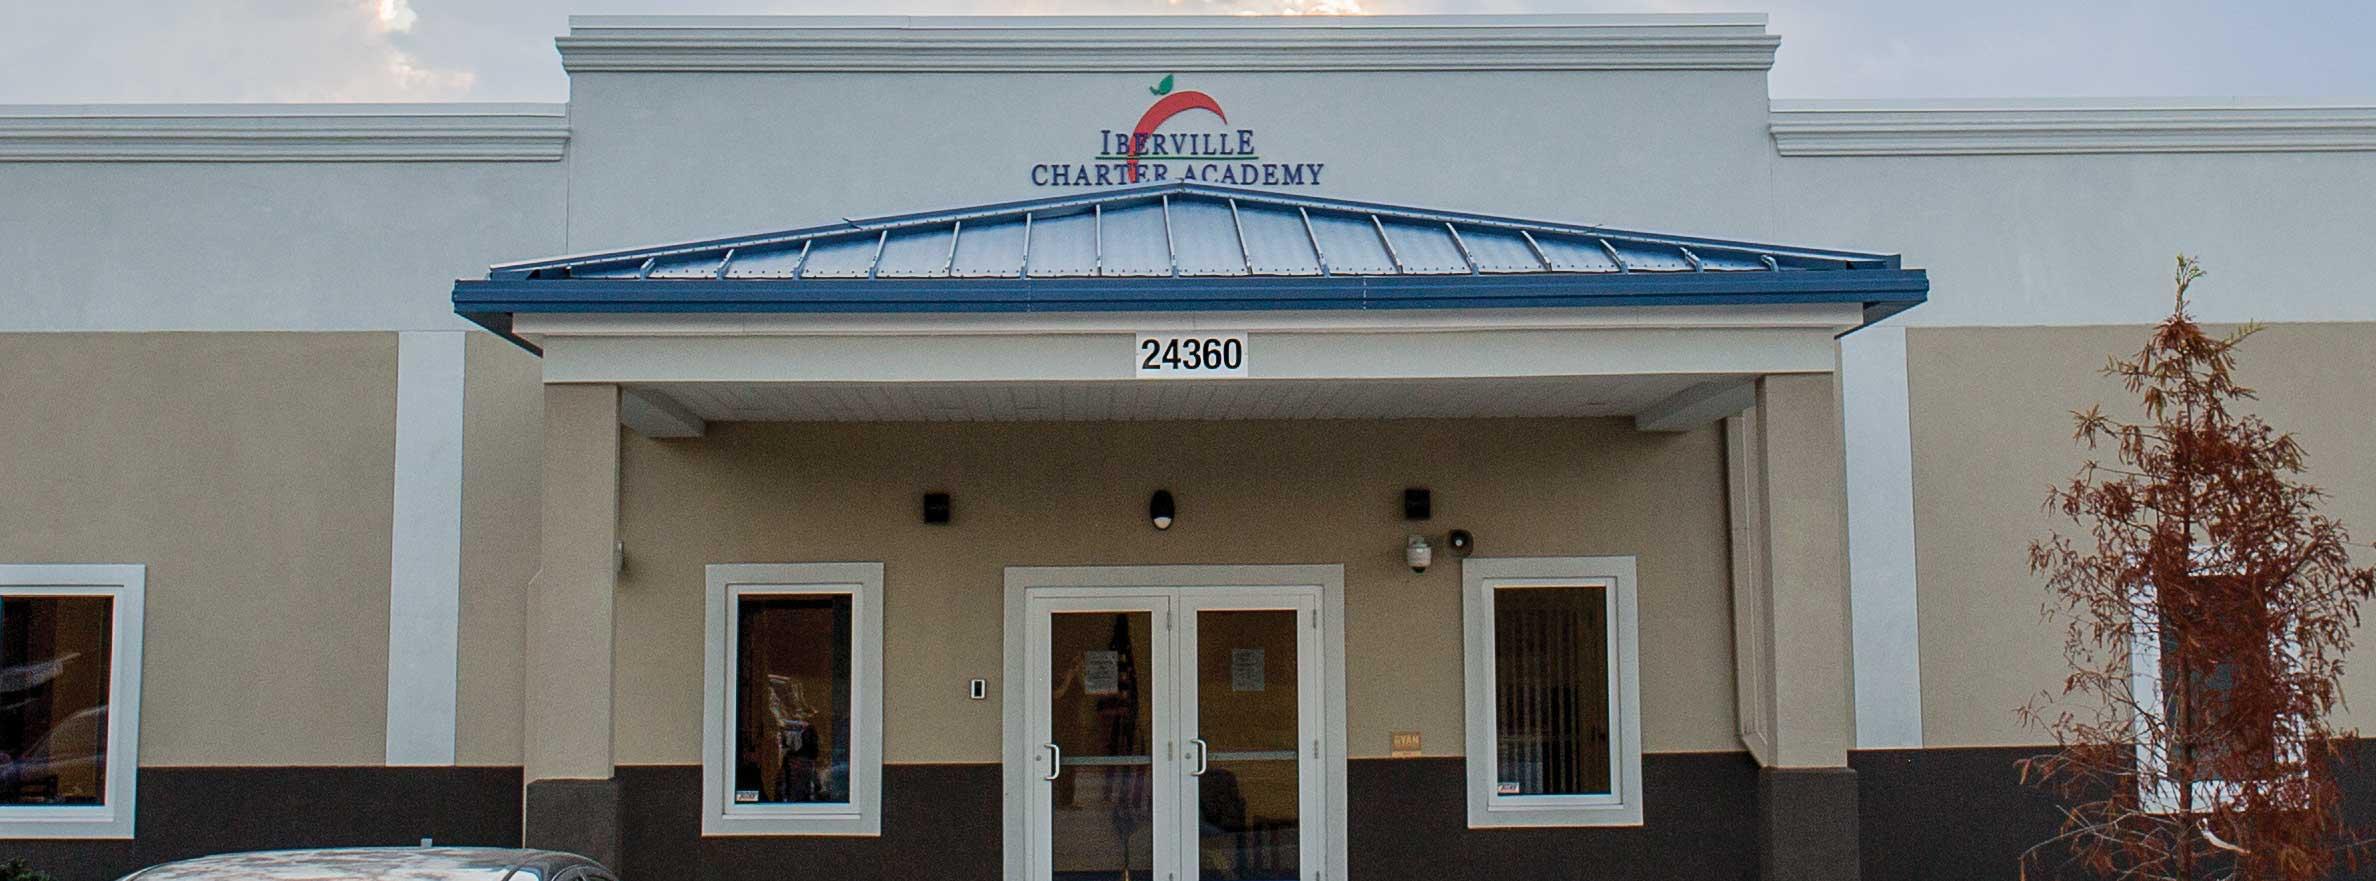 Iberville Charter Academy - 24360 Enterprise Blvd., Plaquemine, LA 70764